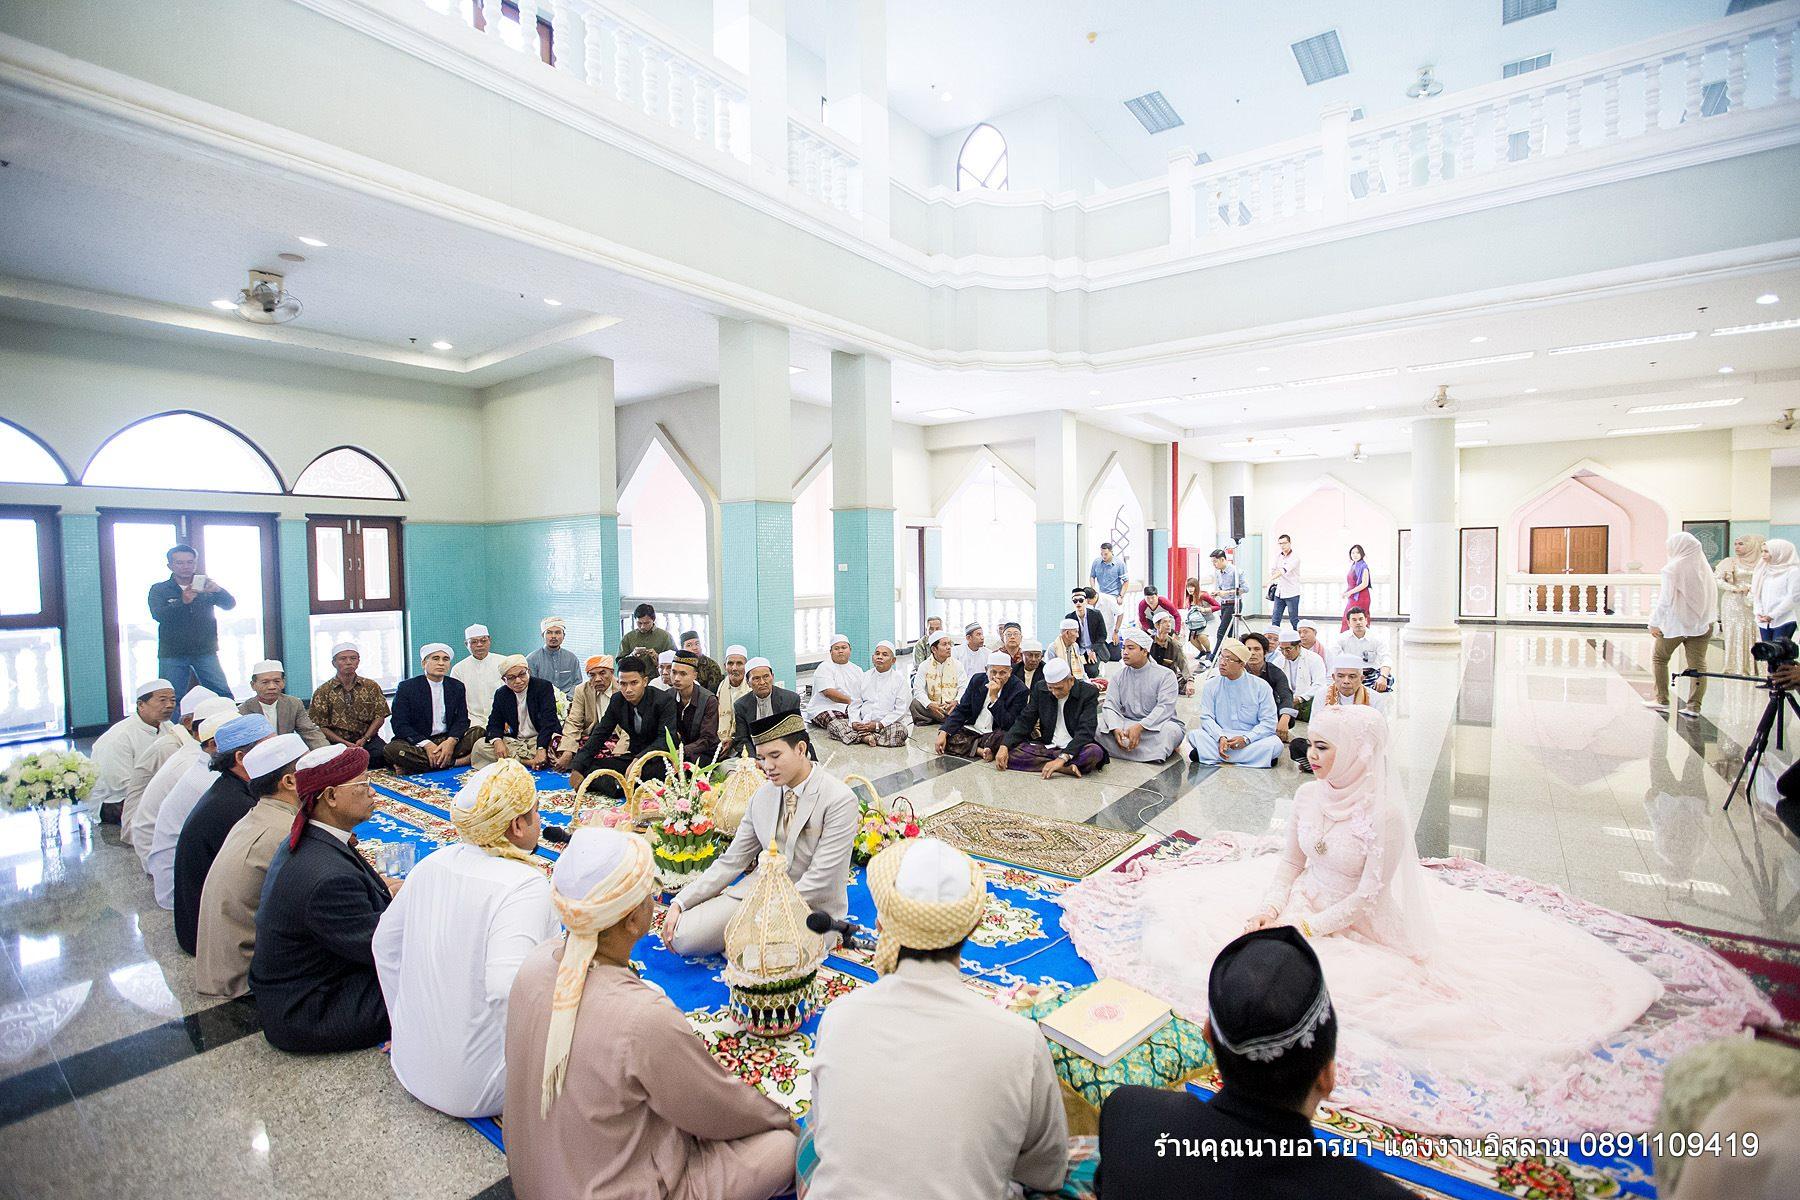 นิกะห์ นิกะ แต่งงานอิสลาม การแต่งงานอิสลาม แต่งงานมุสลิม